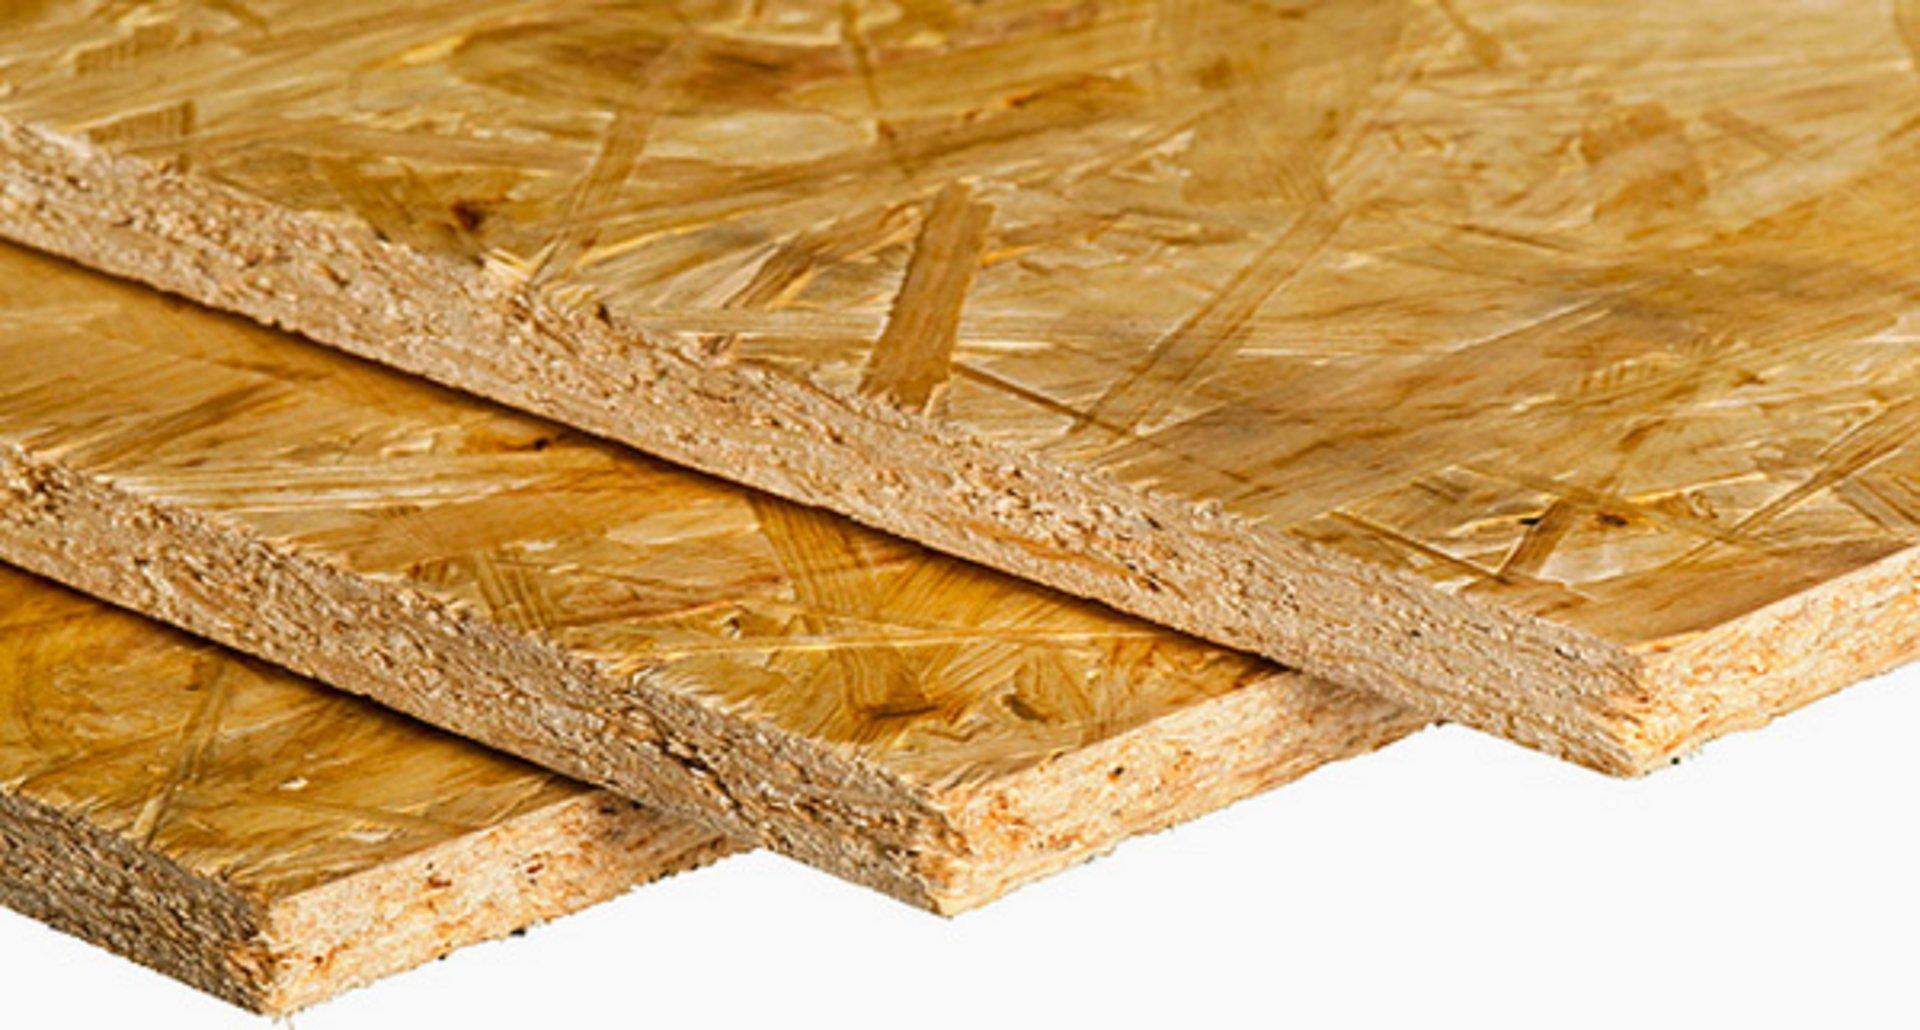 купить цена деревянные осб плиты плиту плита в вологде осб